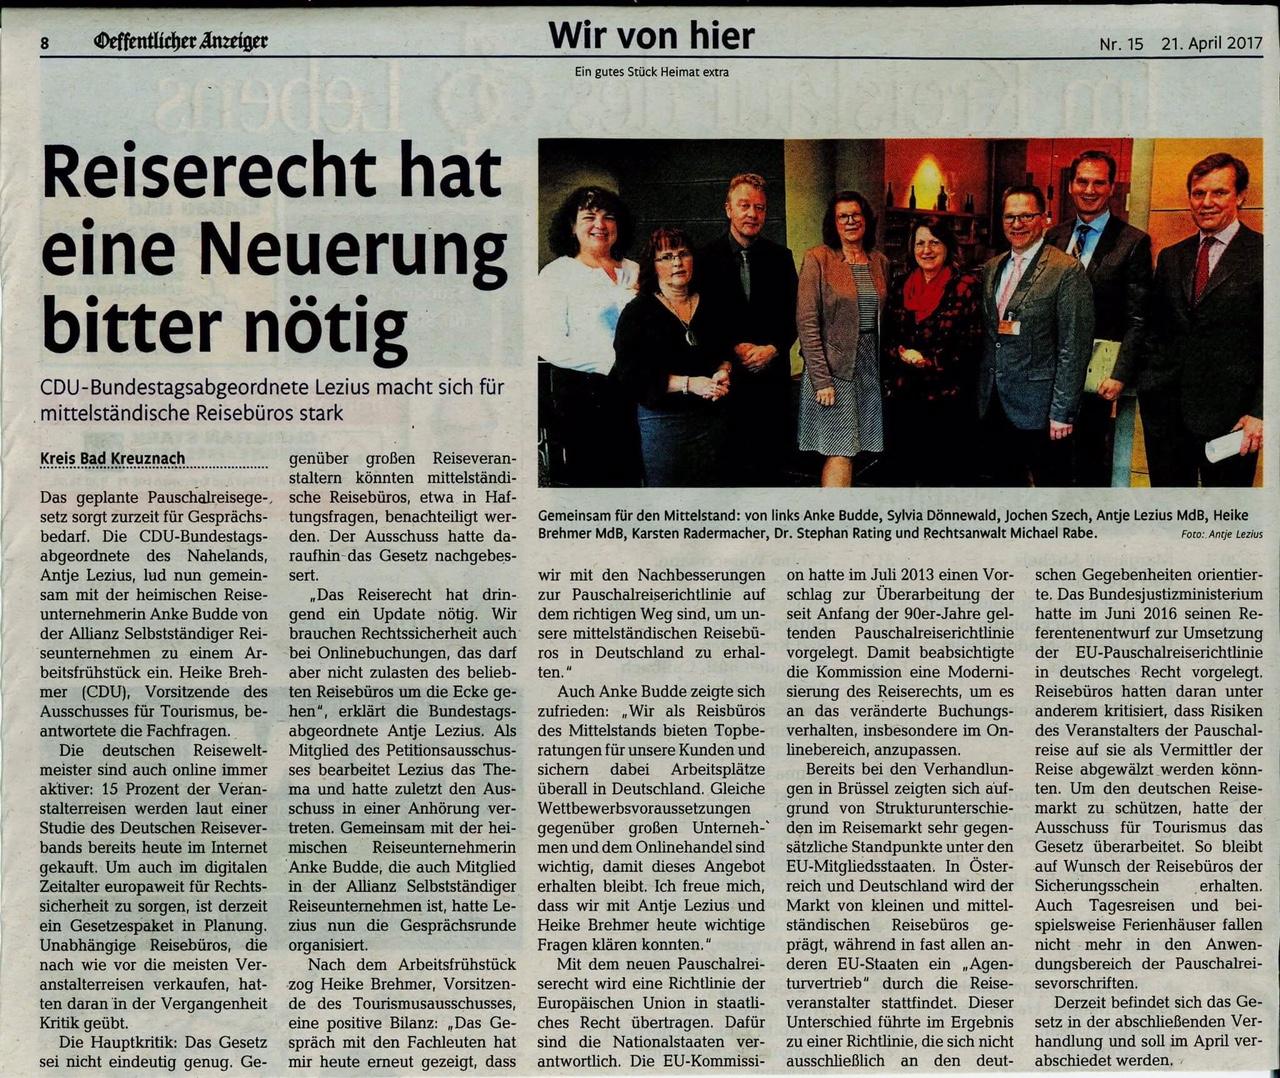 asr-pauschalreiserichtlinie-bundestag-brehmer-lezius-tourismusausschuss